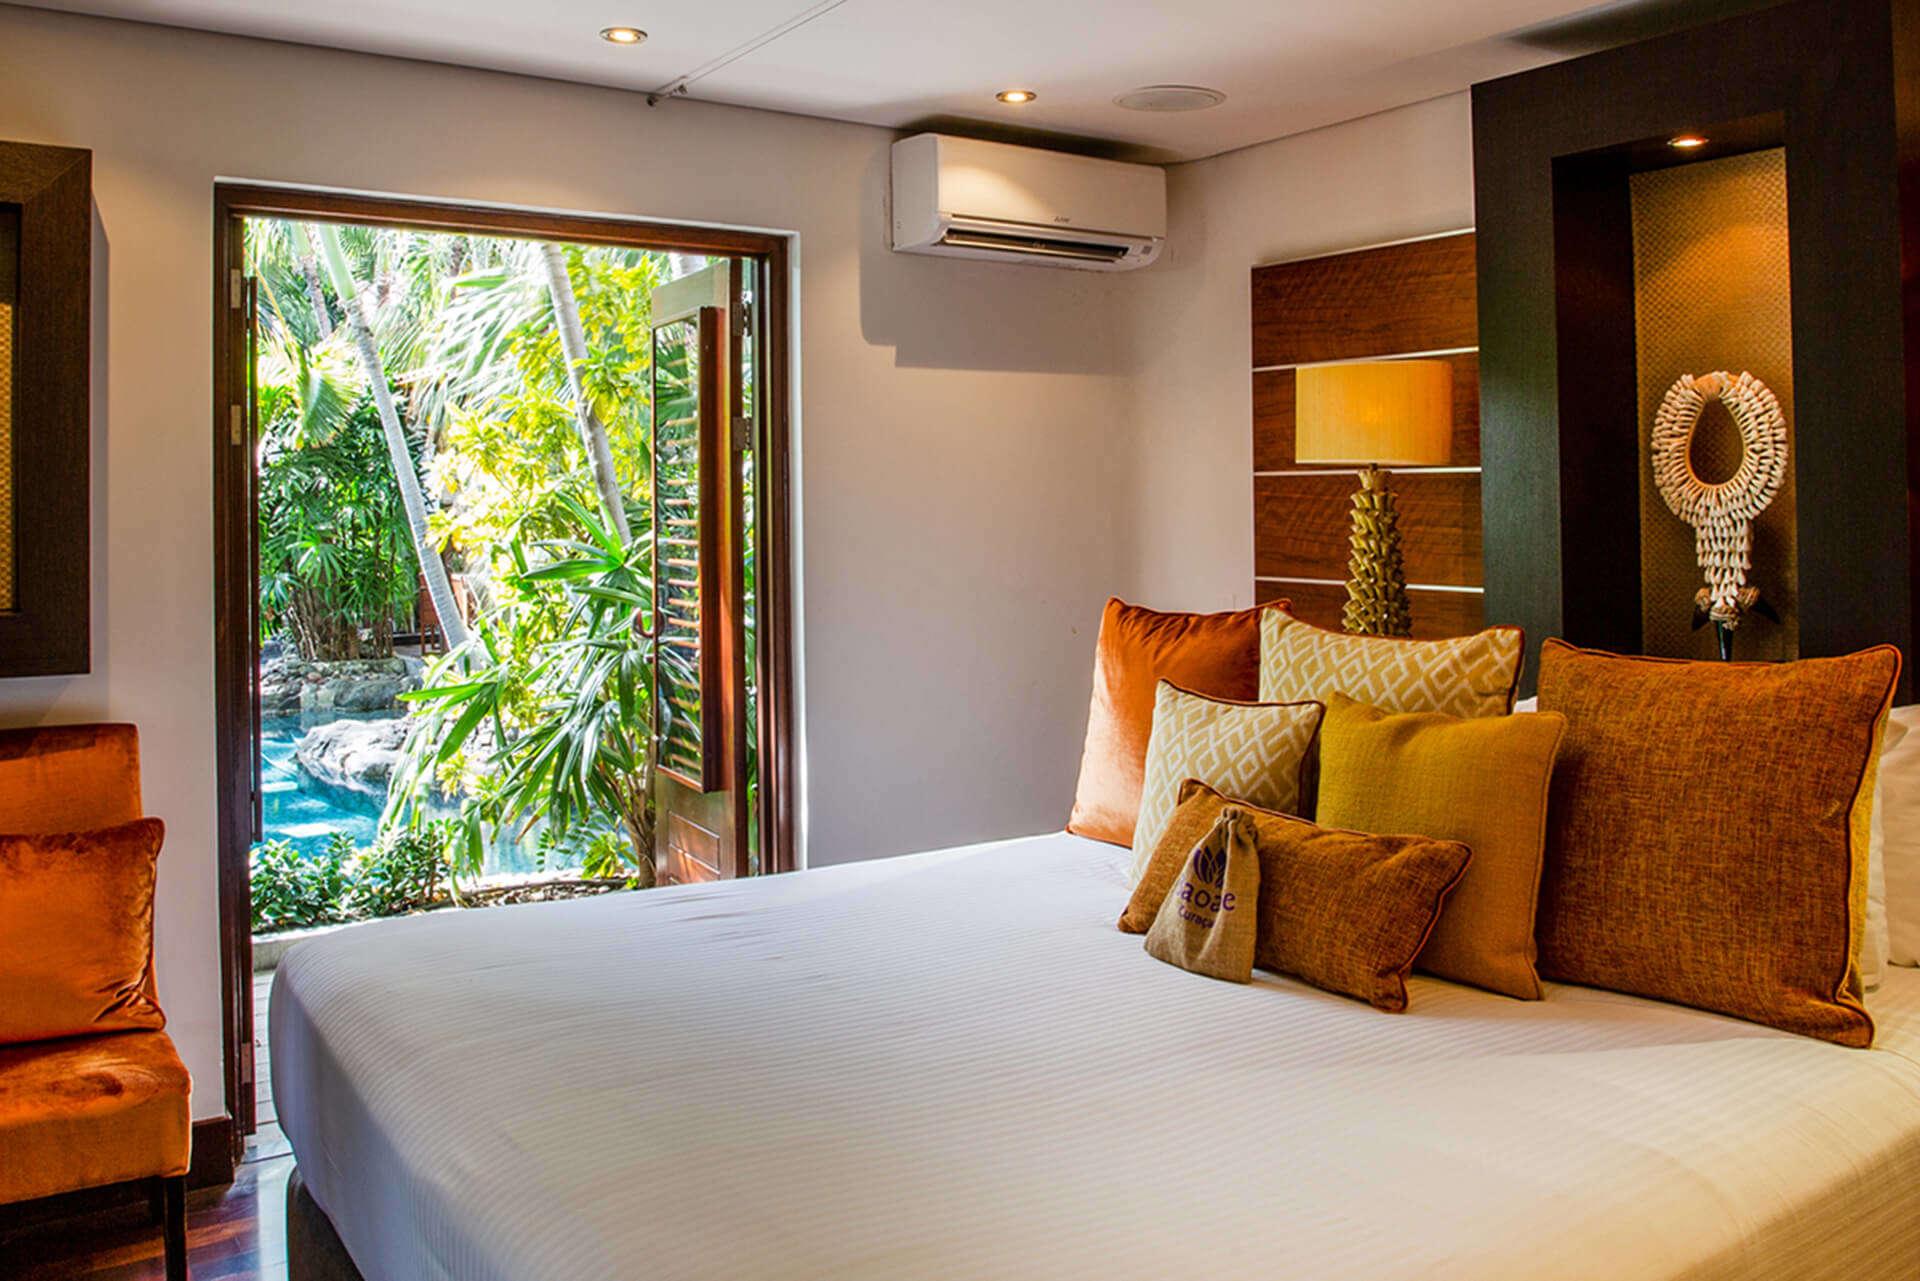 Luxury villa rentals caribbean - Curacao - Baoase luxury resort - No location 4 - Romantic Pool Suite - Image 1/8